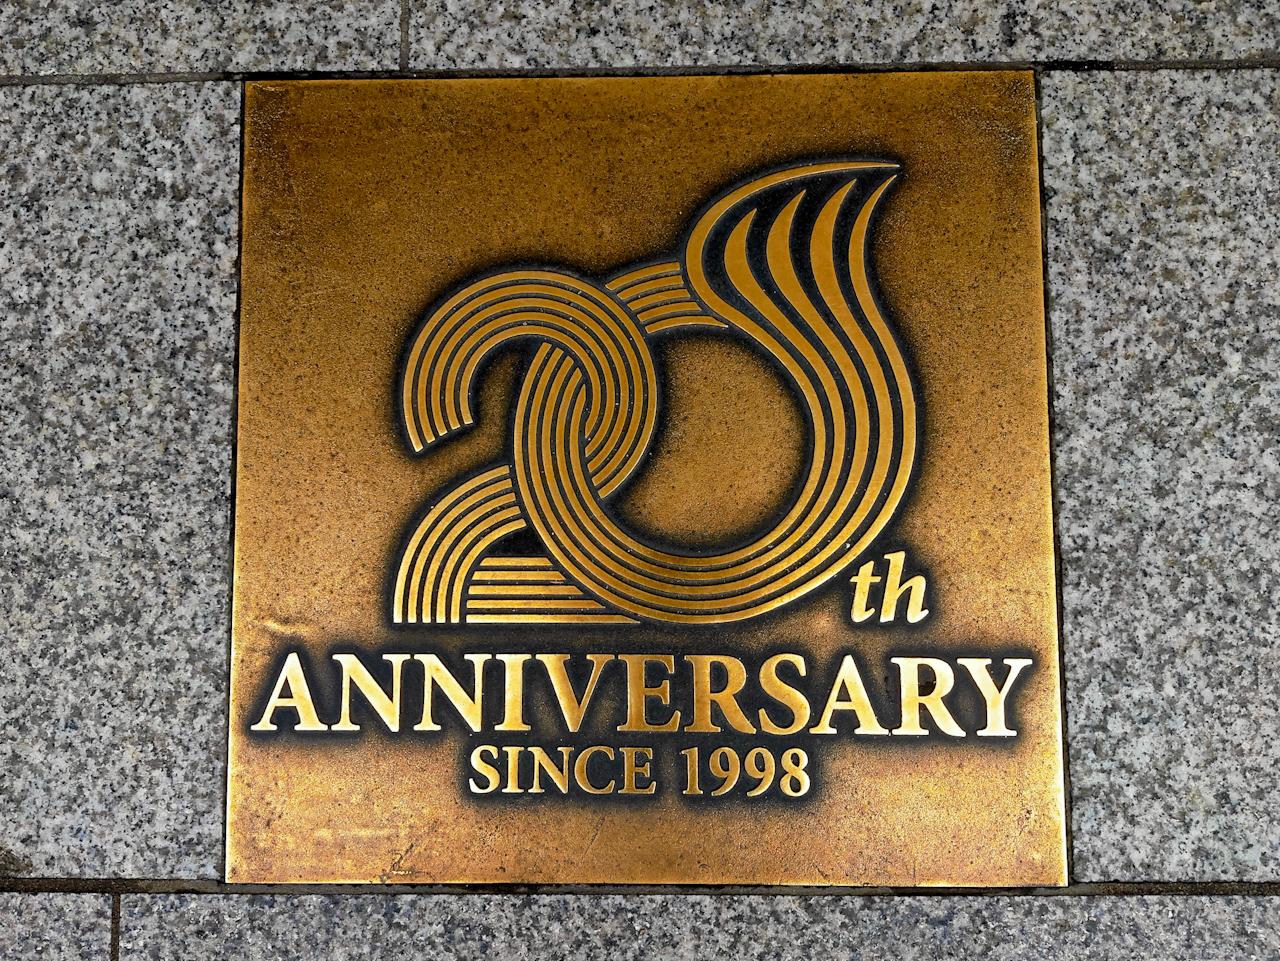 平成29年度にはクラブ設立20周年を記念したレリーフが設置されました